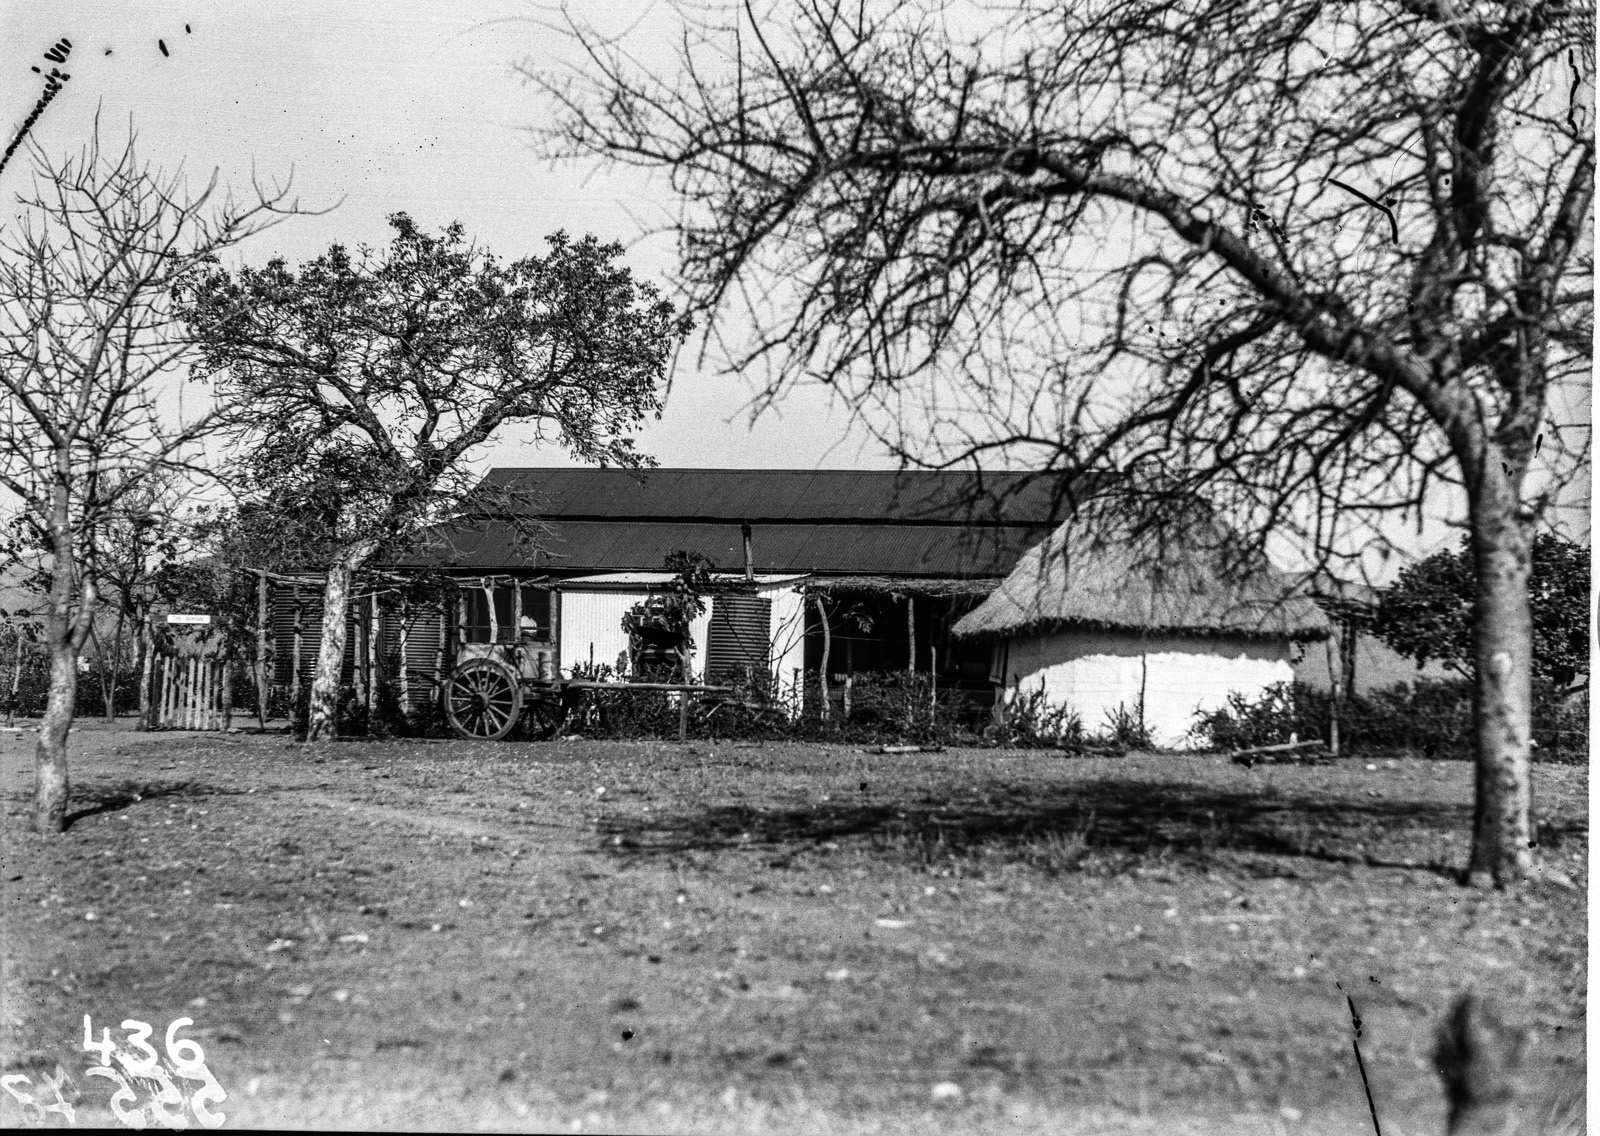 Малелан. Изображение двух небольших домов (круглой хижины и своего рода бунгало) в городе